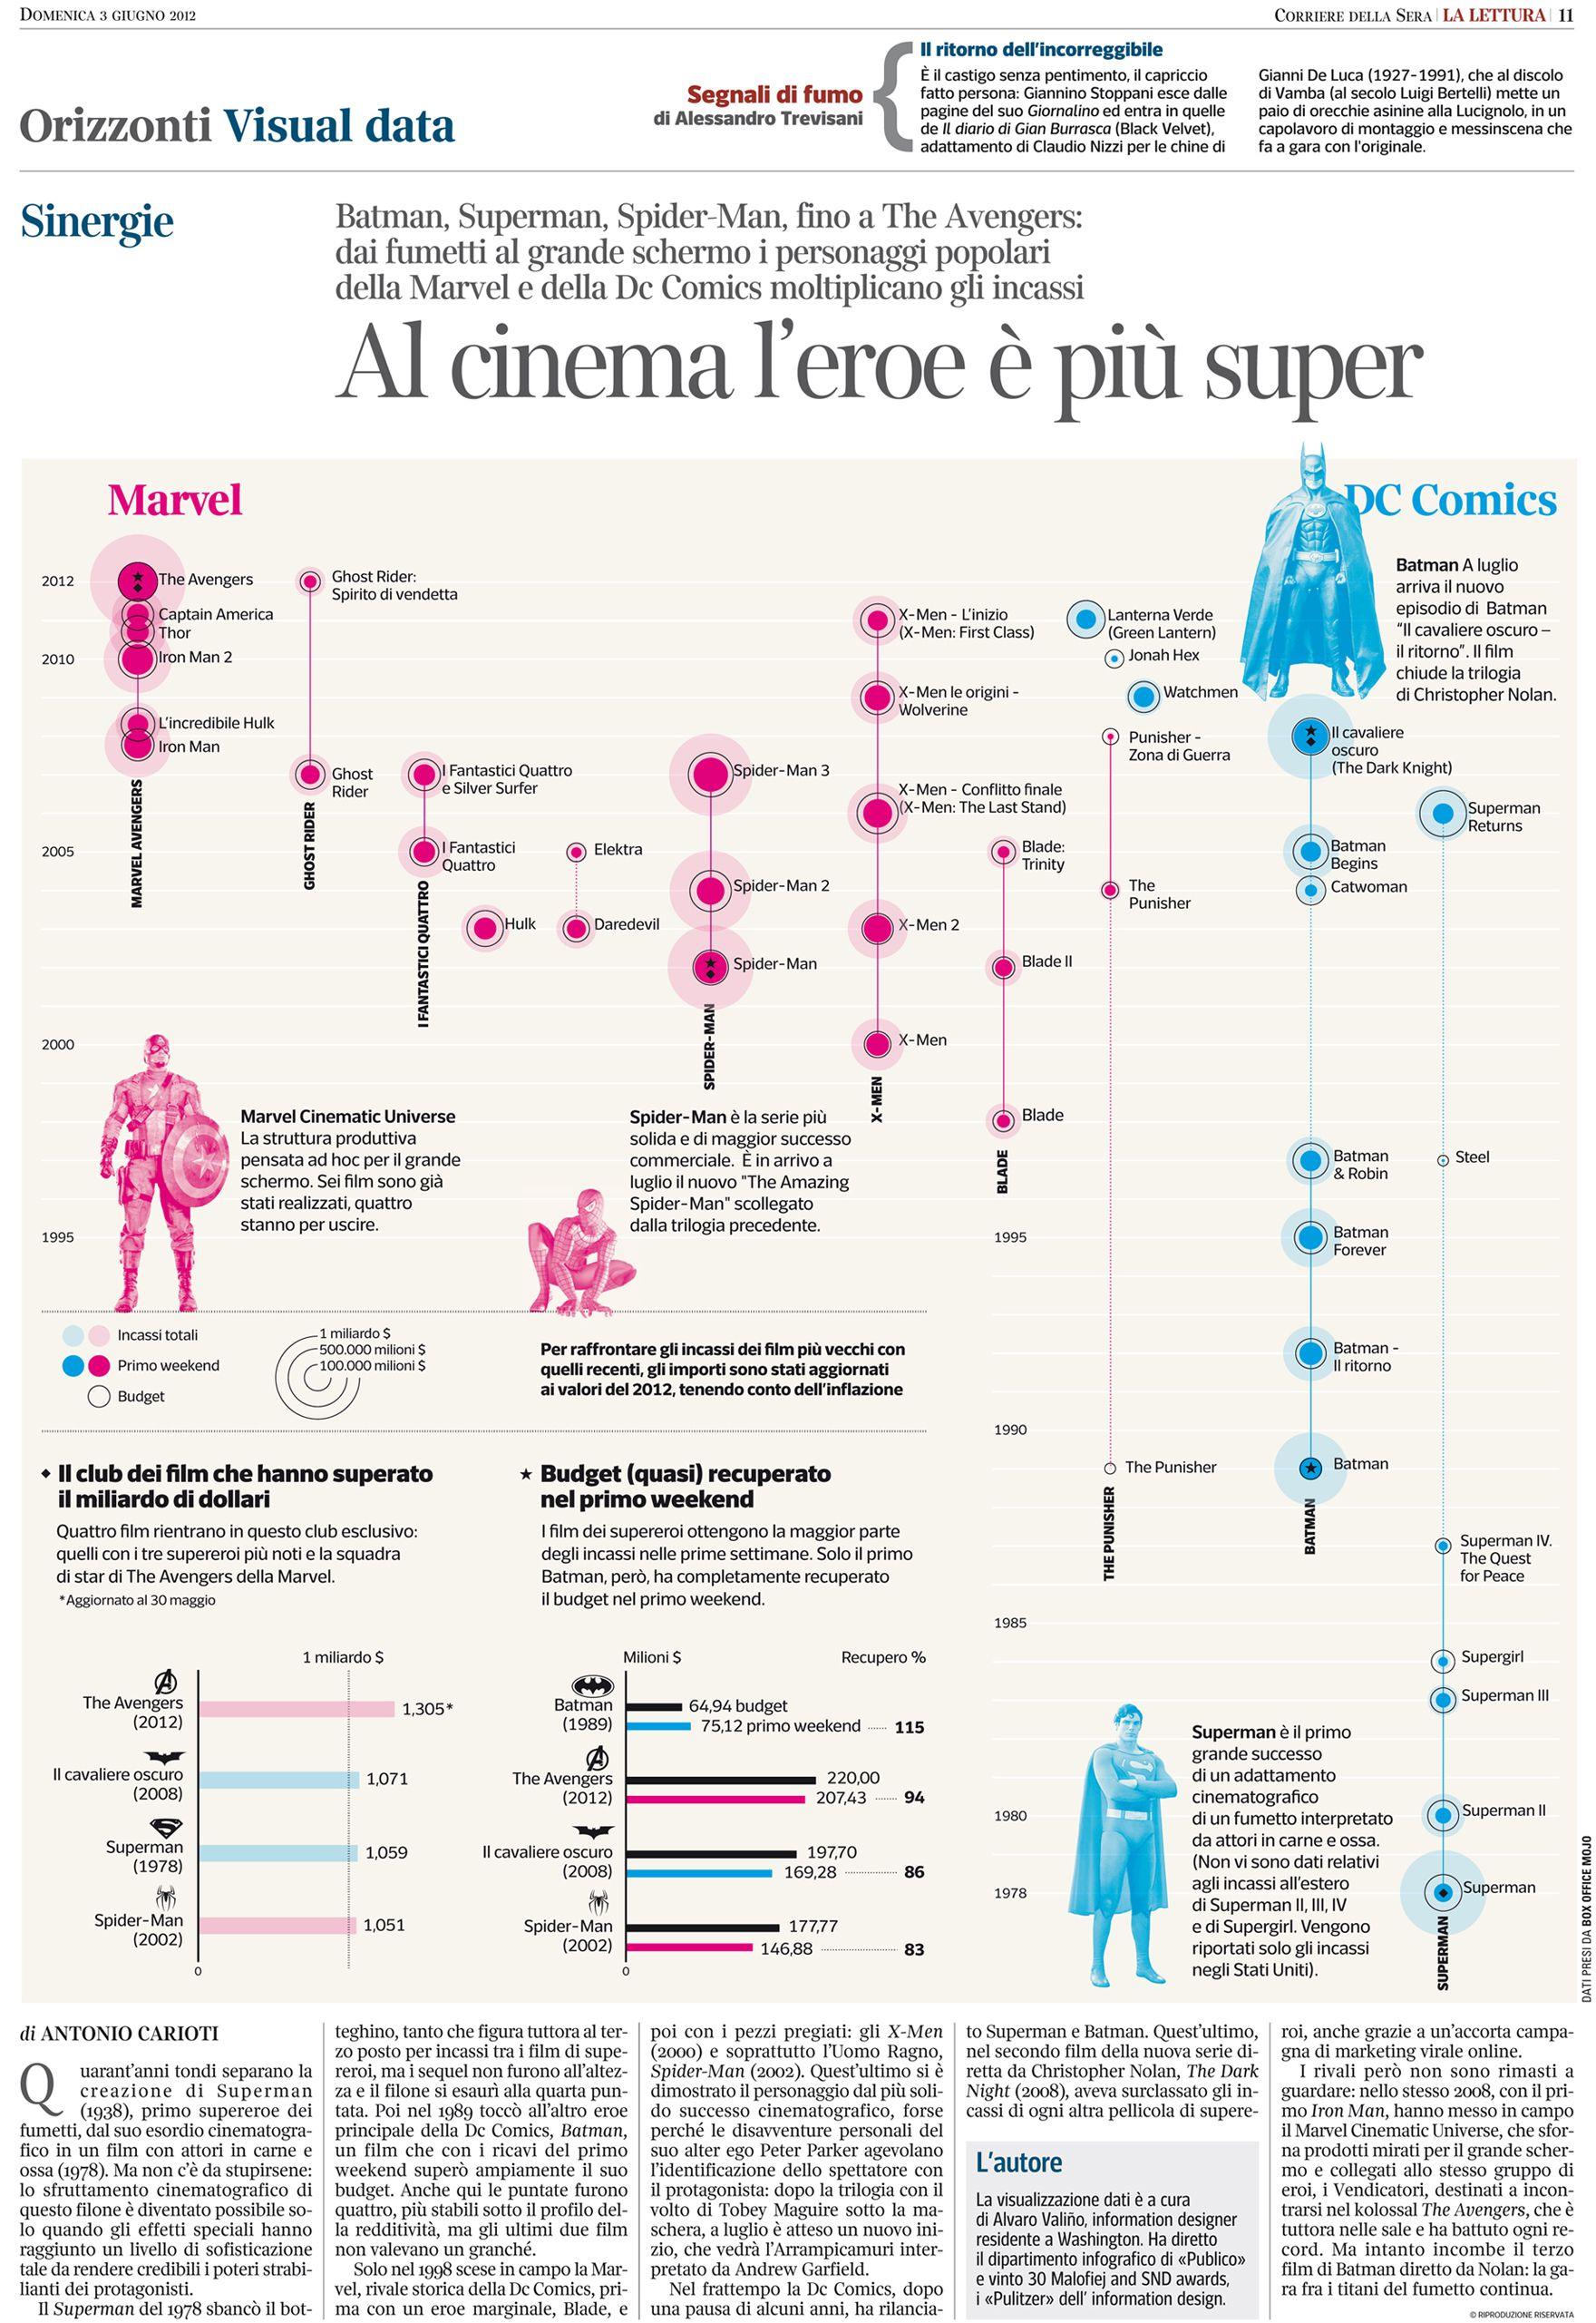 Alvaro Valino Data Visualization Infographic Visualisation